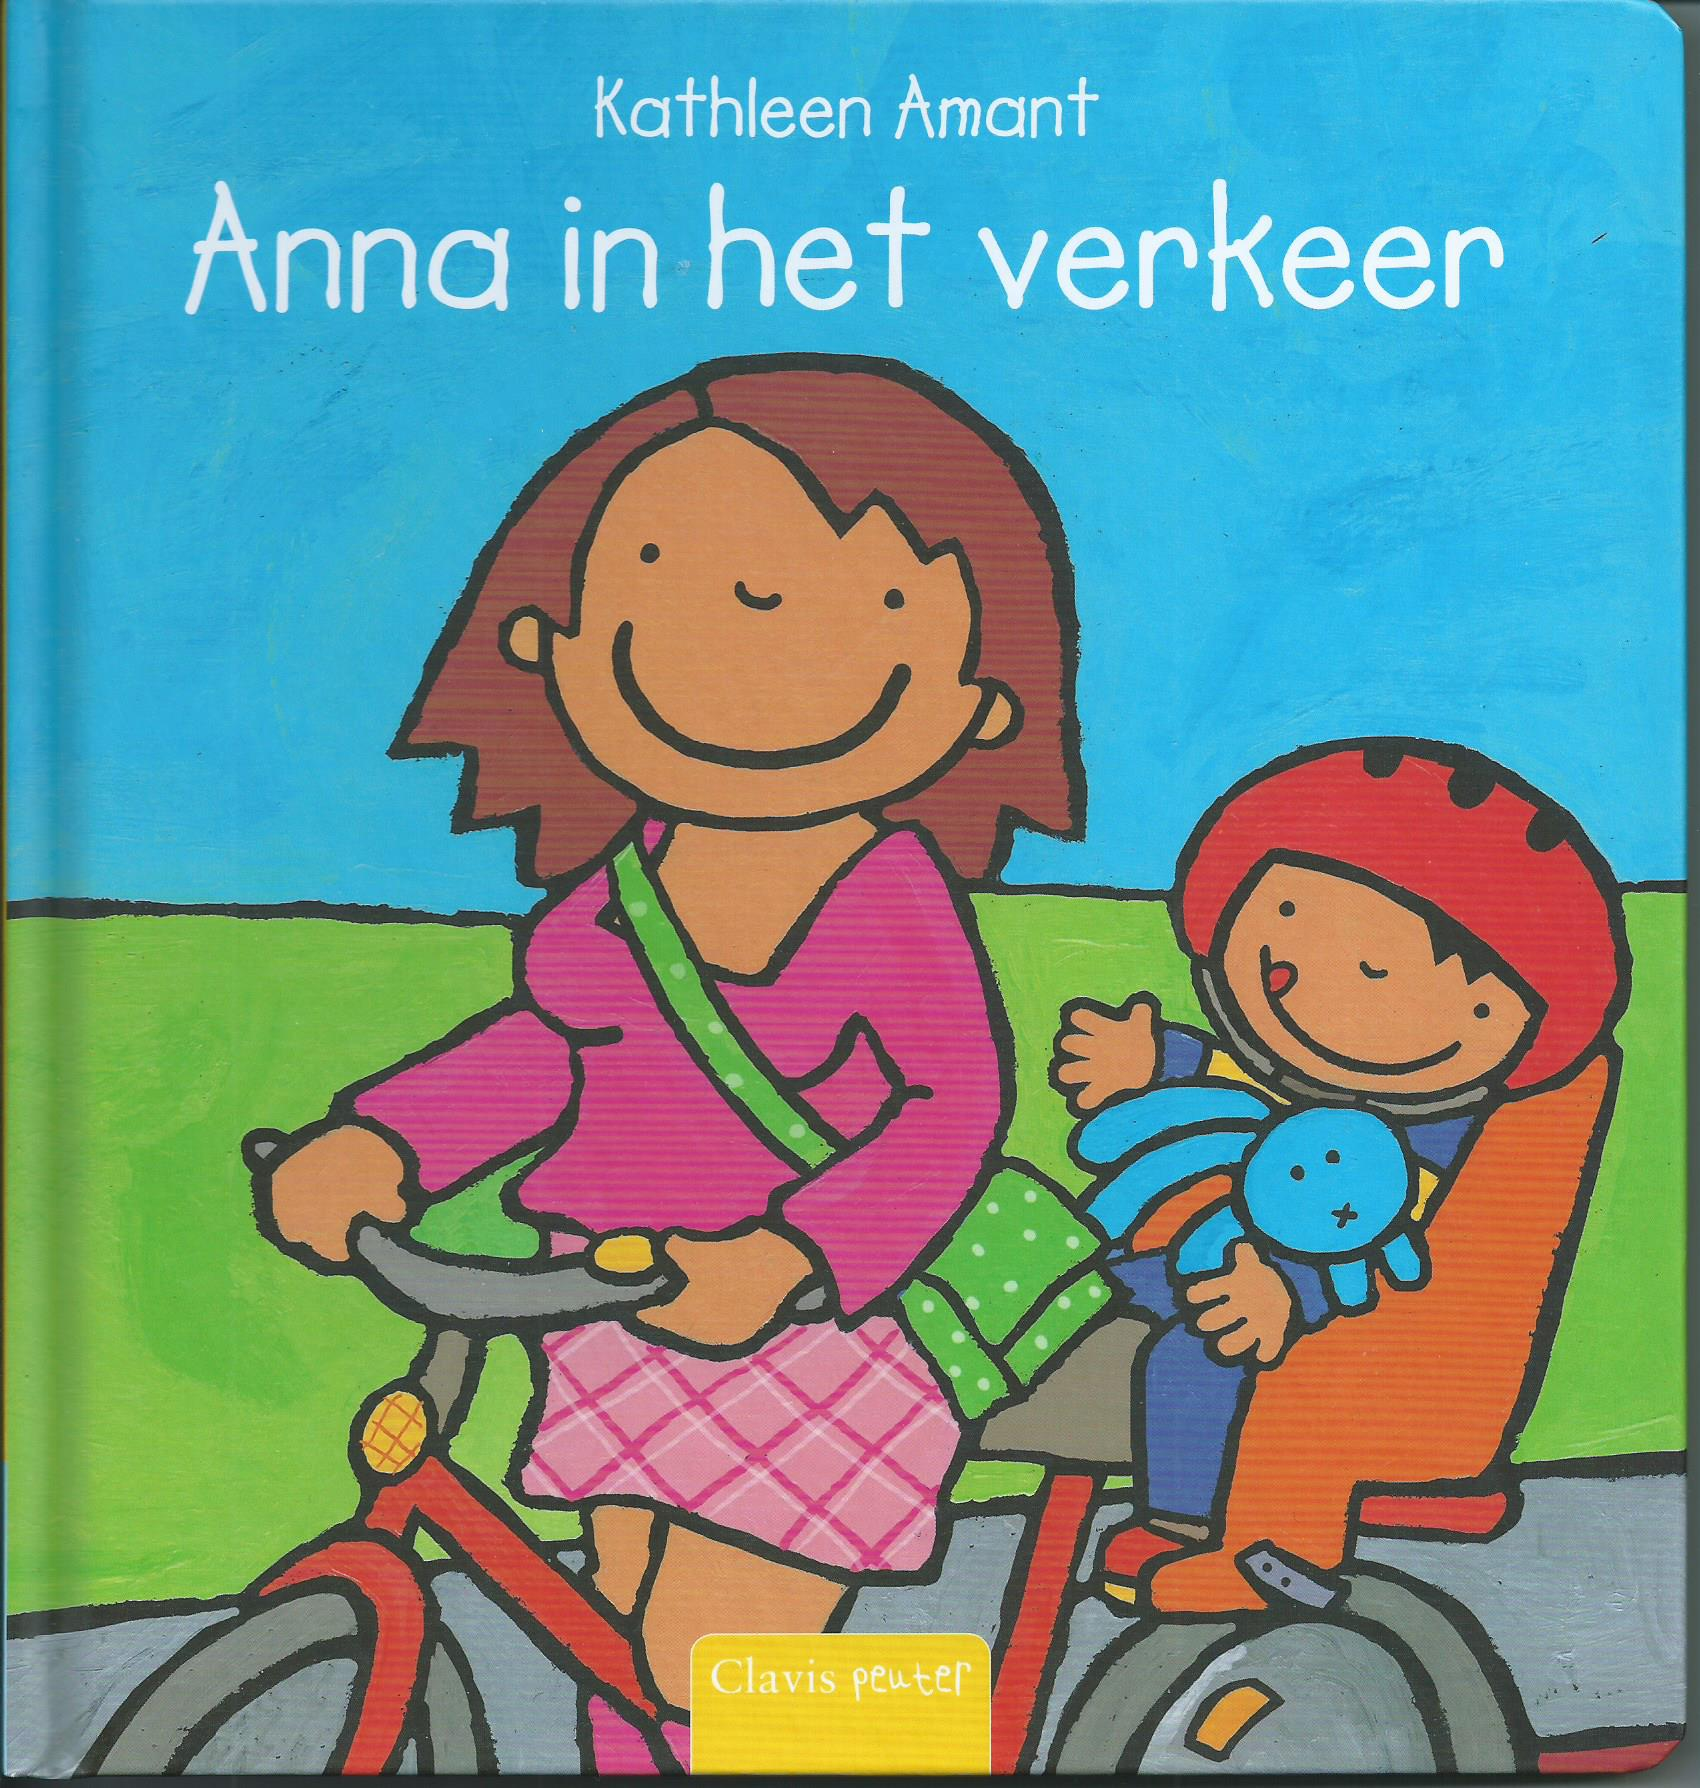 Anna in het verkeer - Lanoo